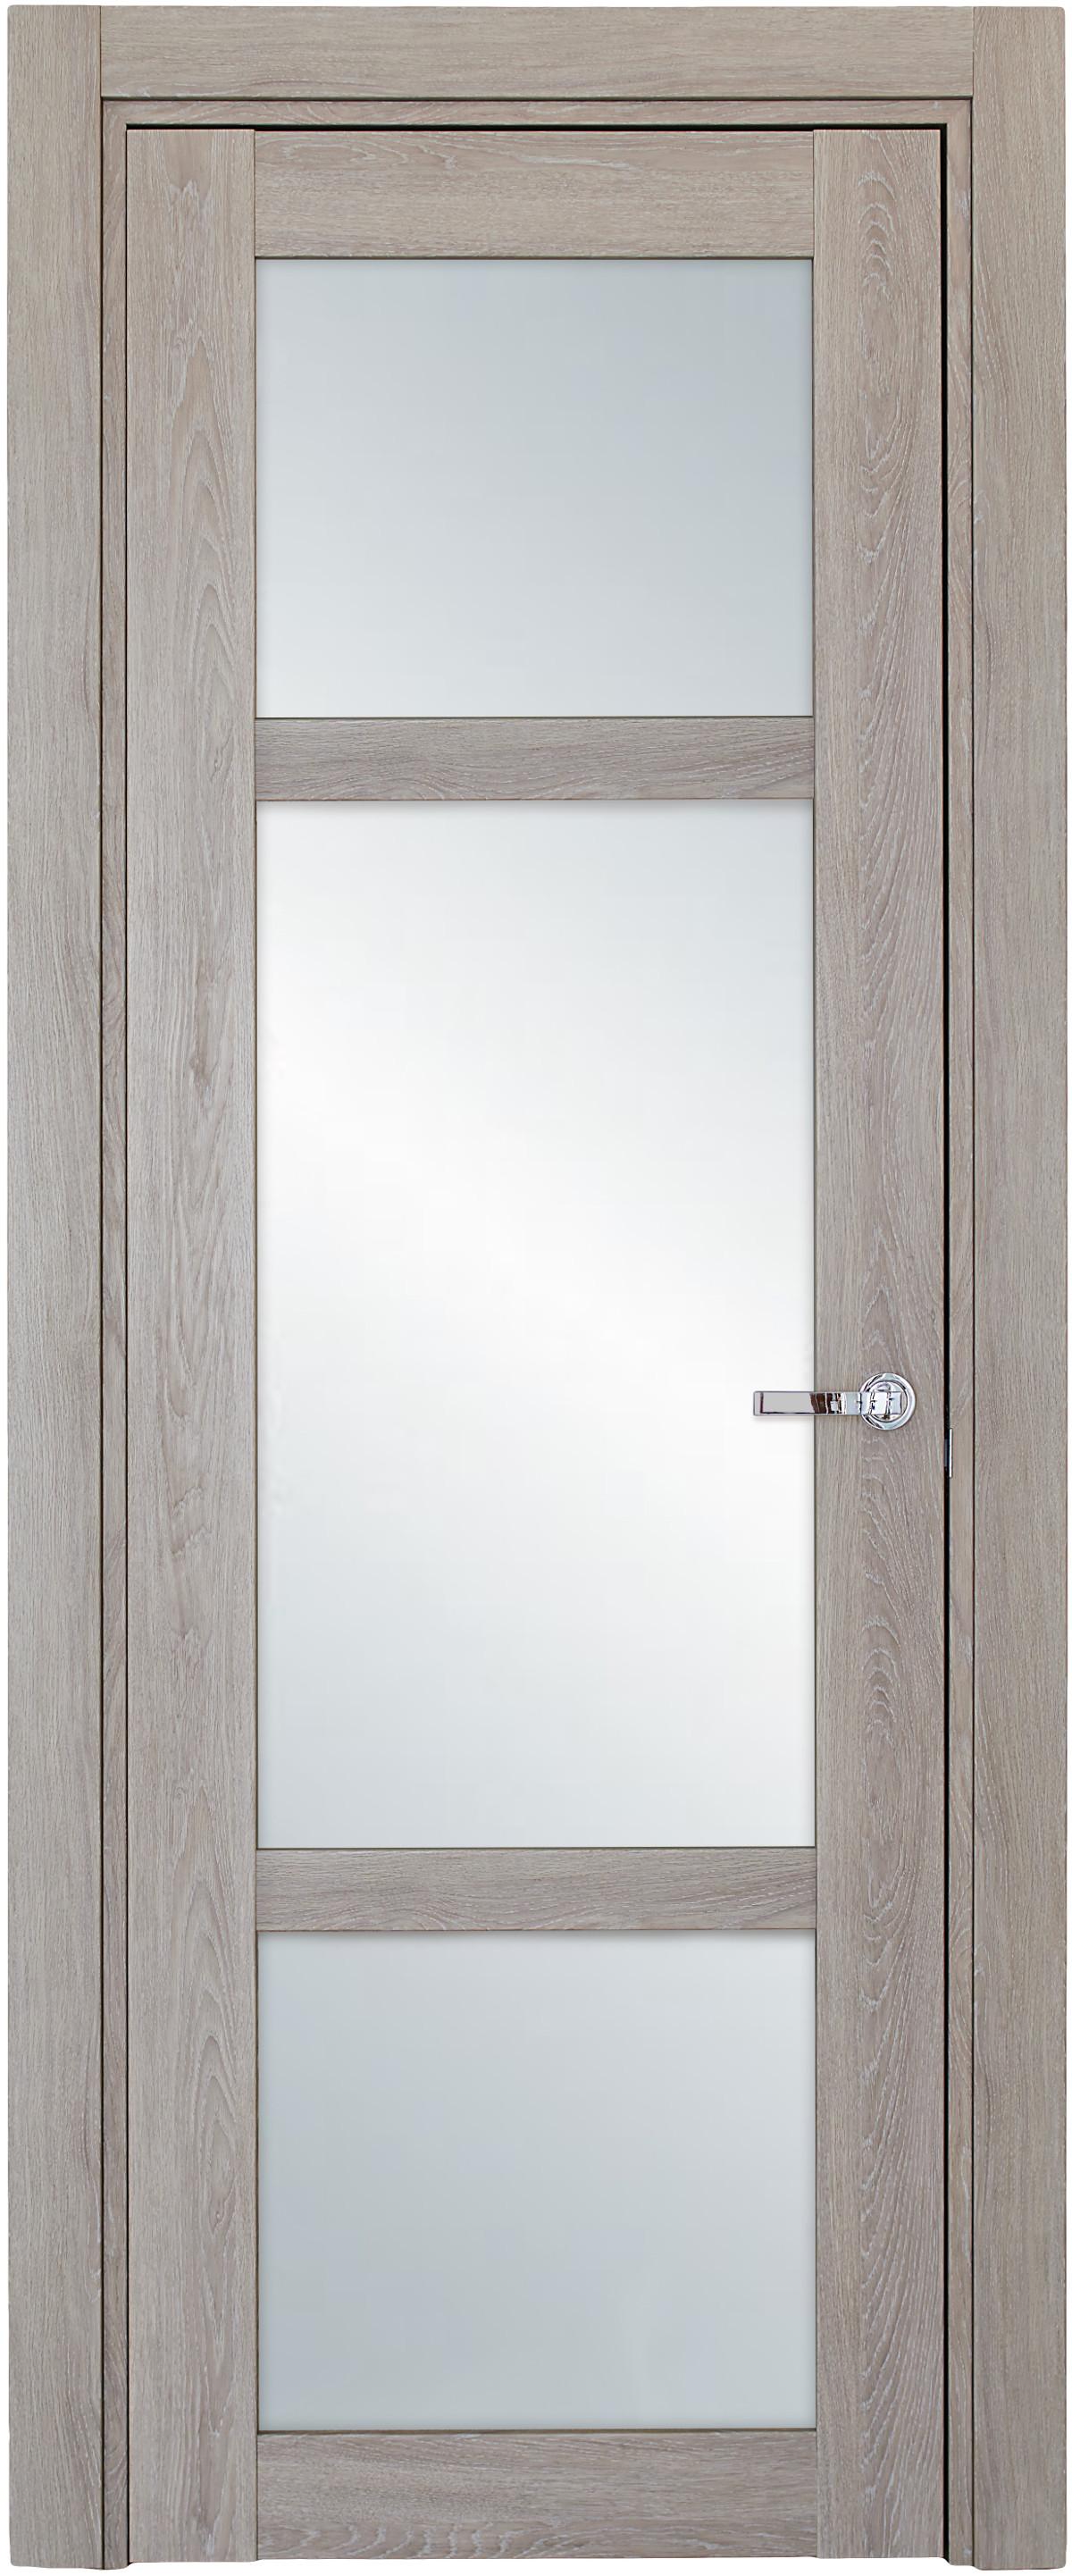 Межкомнатная / входная дверь, отделка: экошпон ДУБ DECAPE, Solo 3SnP-1